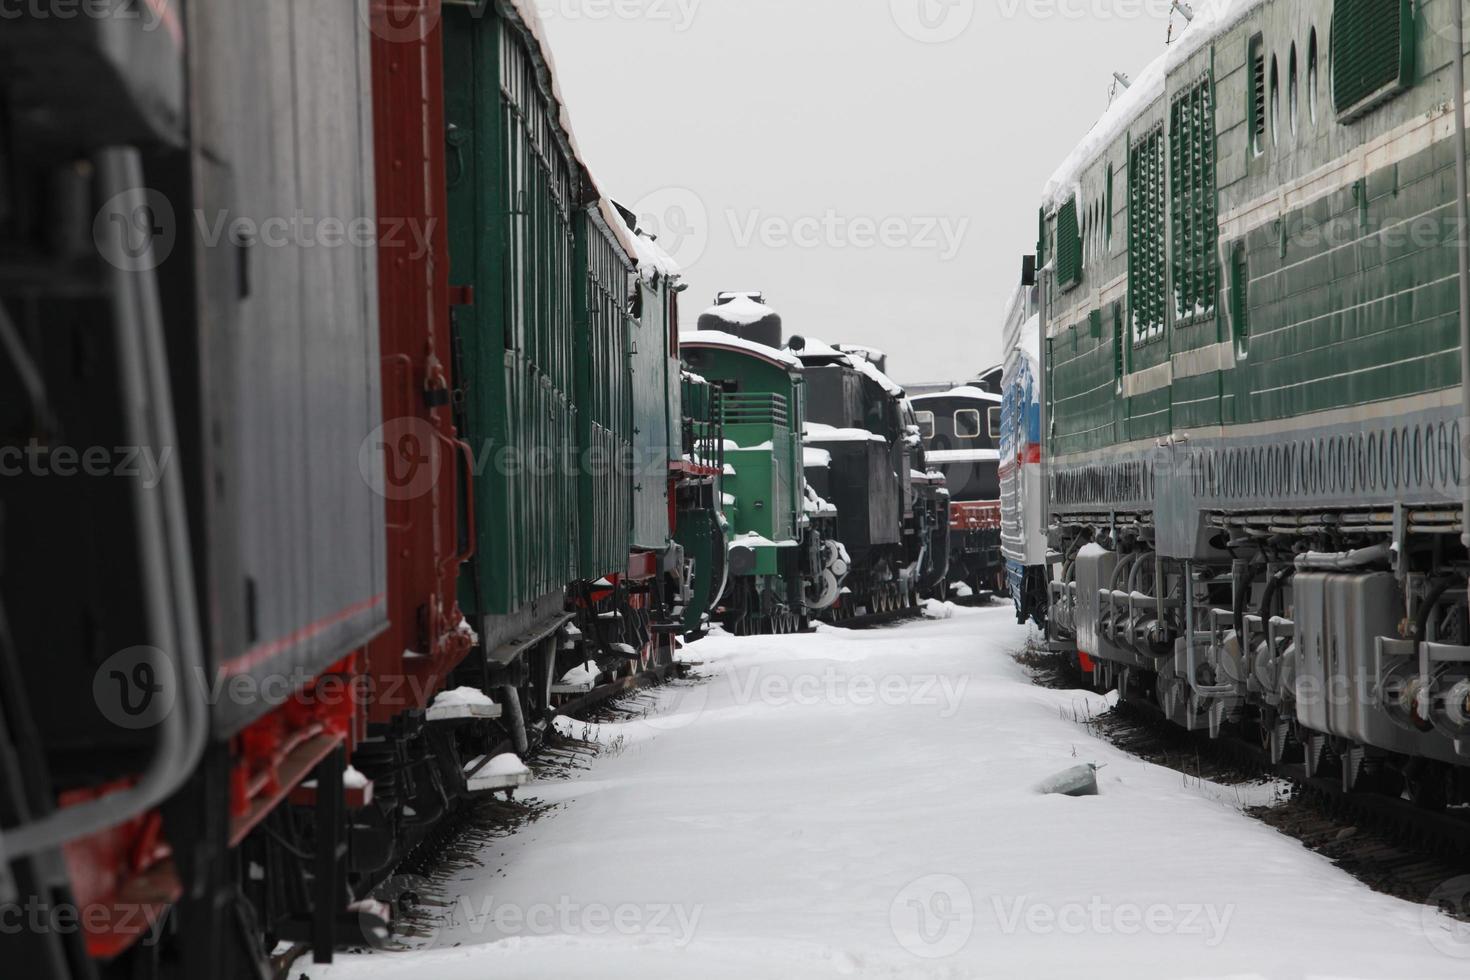 estación de ferrocarril en invierno foto